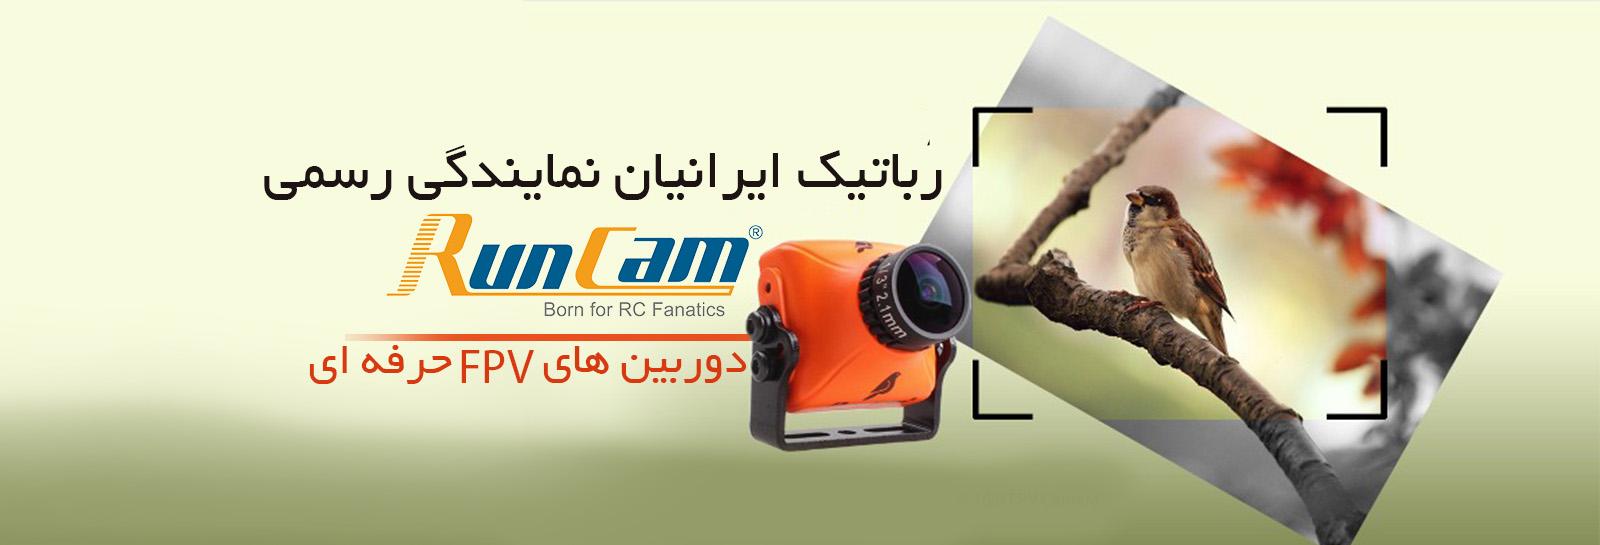 نمایندگی رسمی ران کم دوربین های fpv